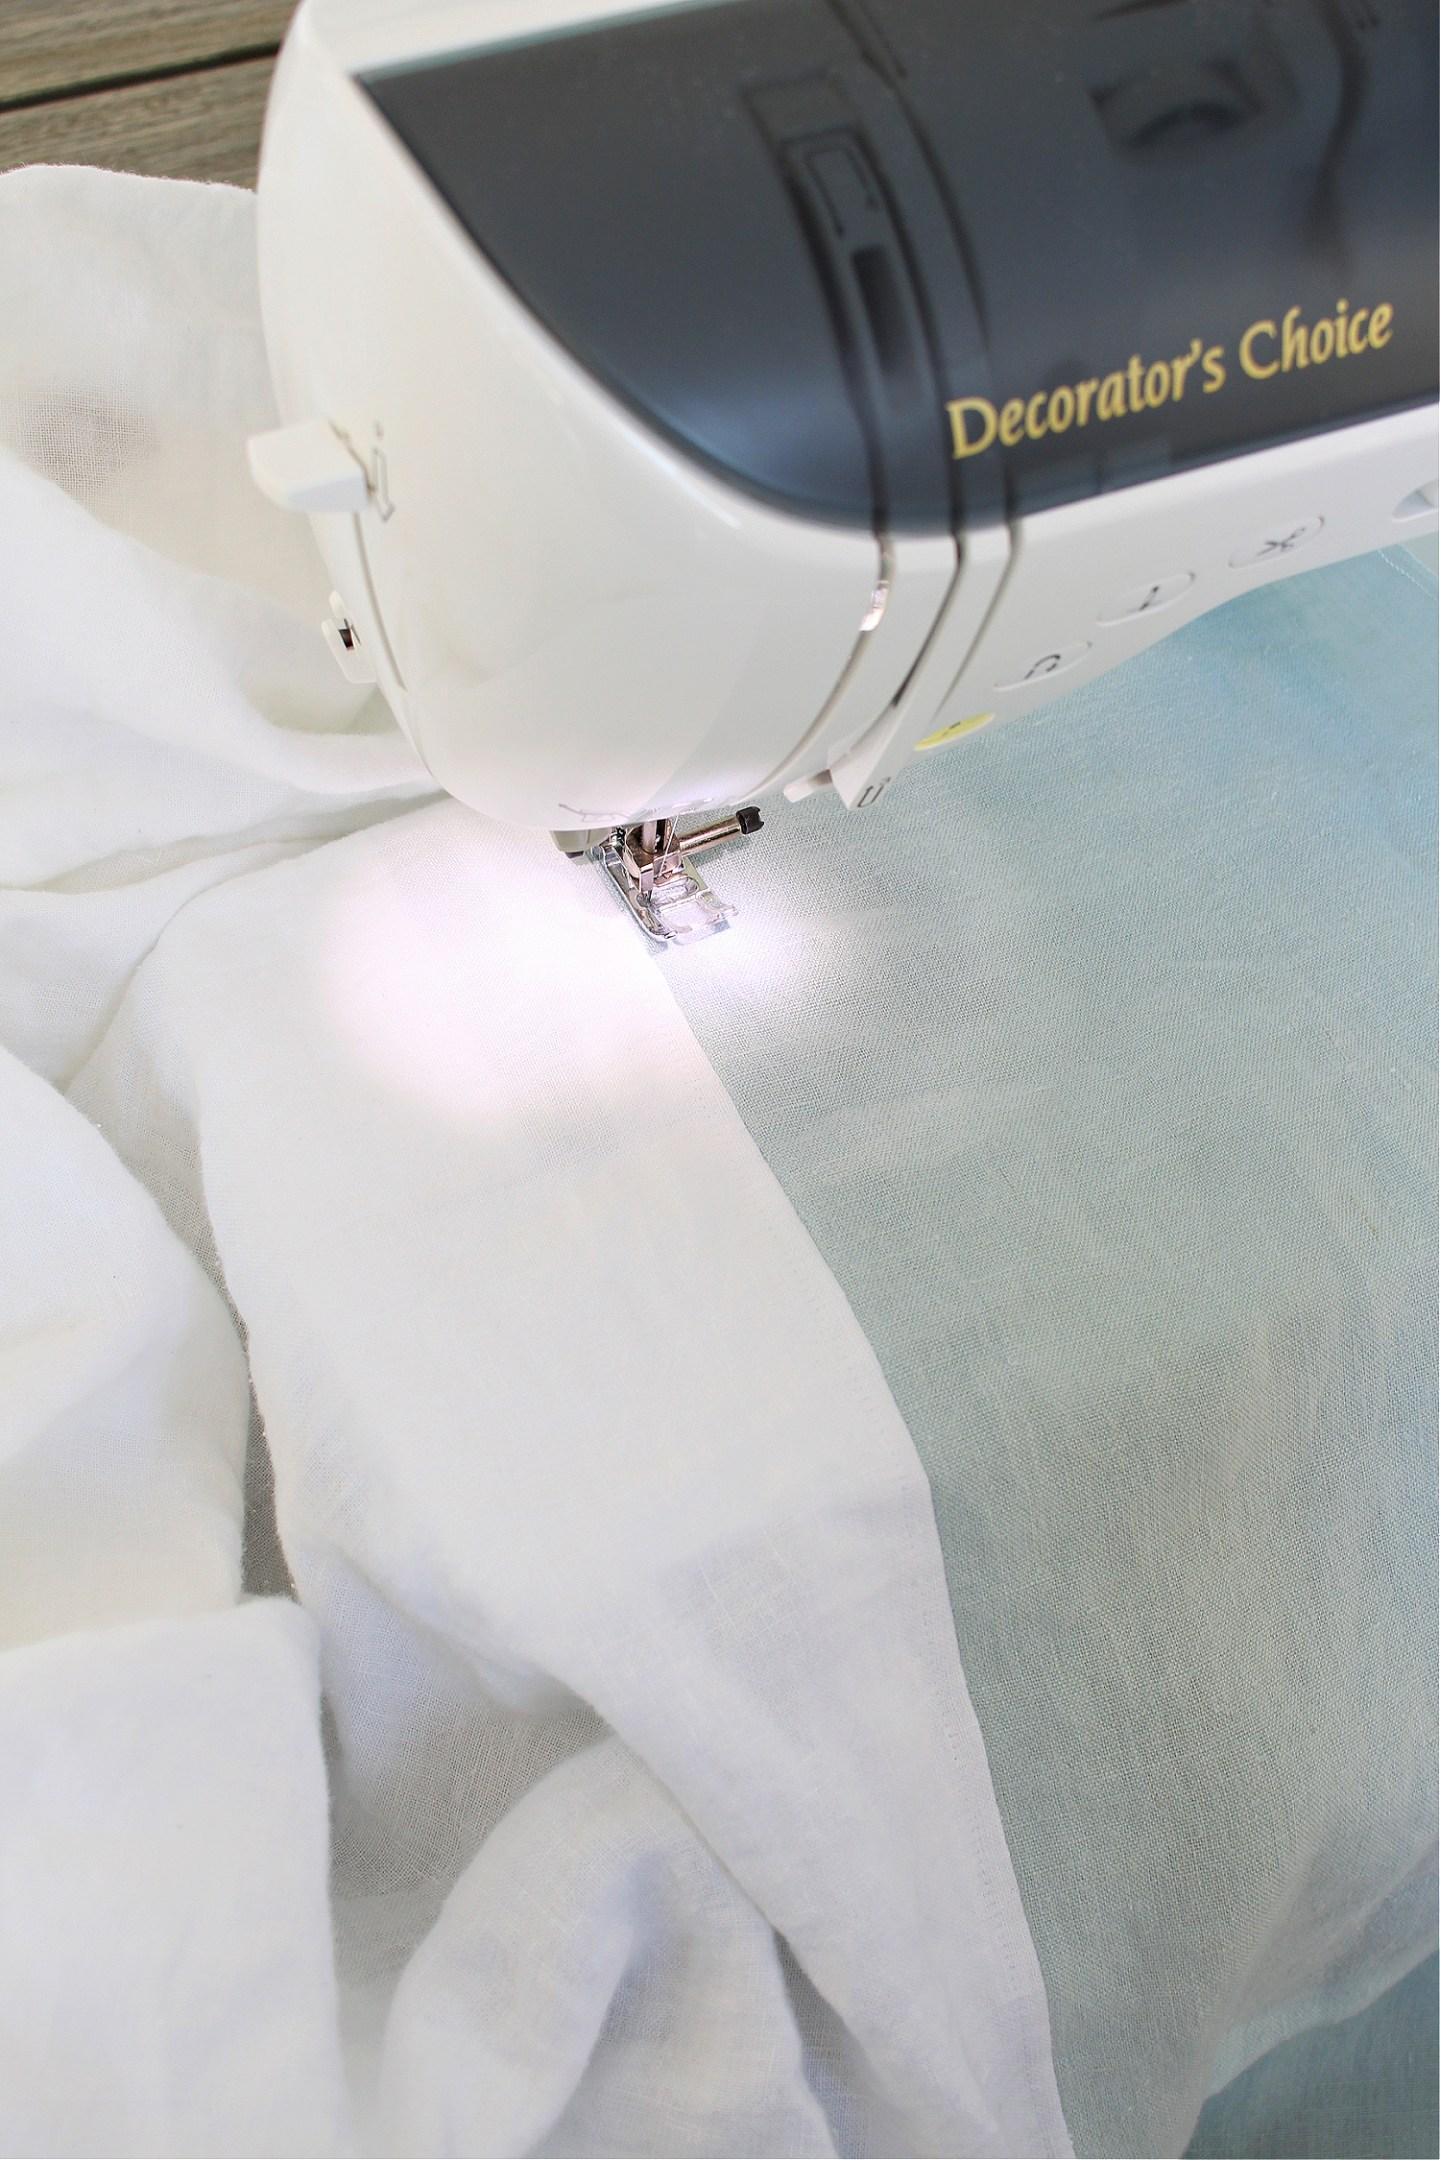 how to make a shrunken duvet cover bigger